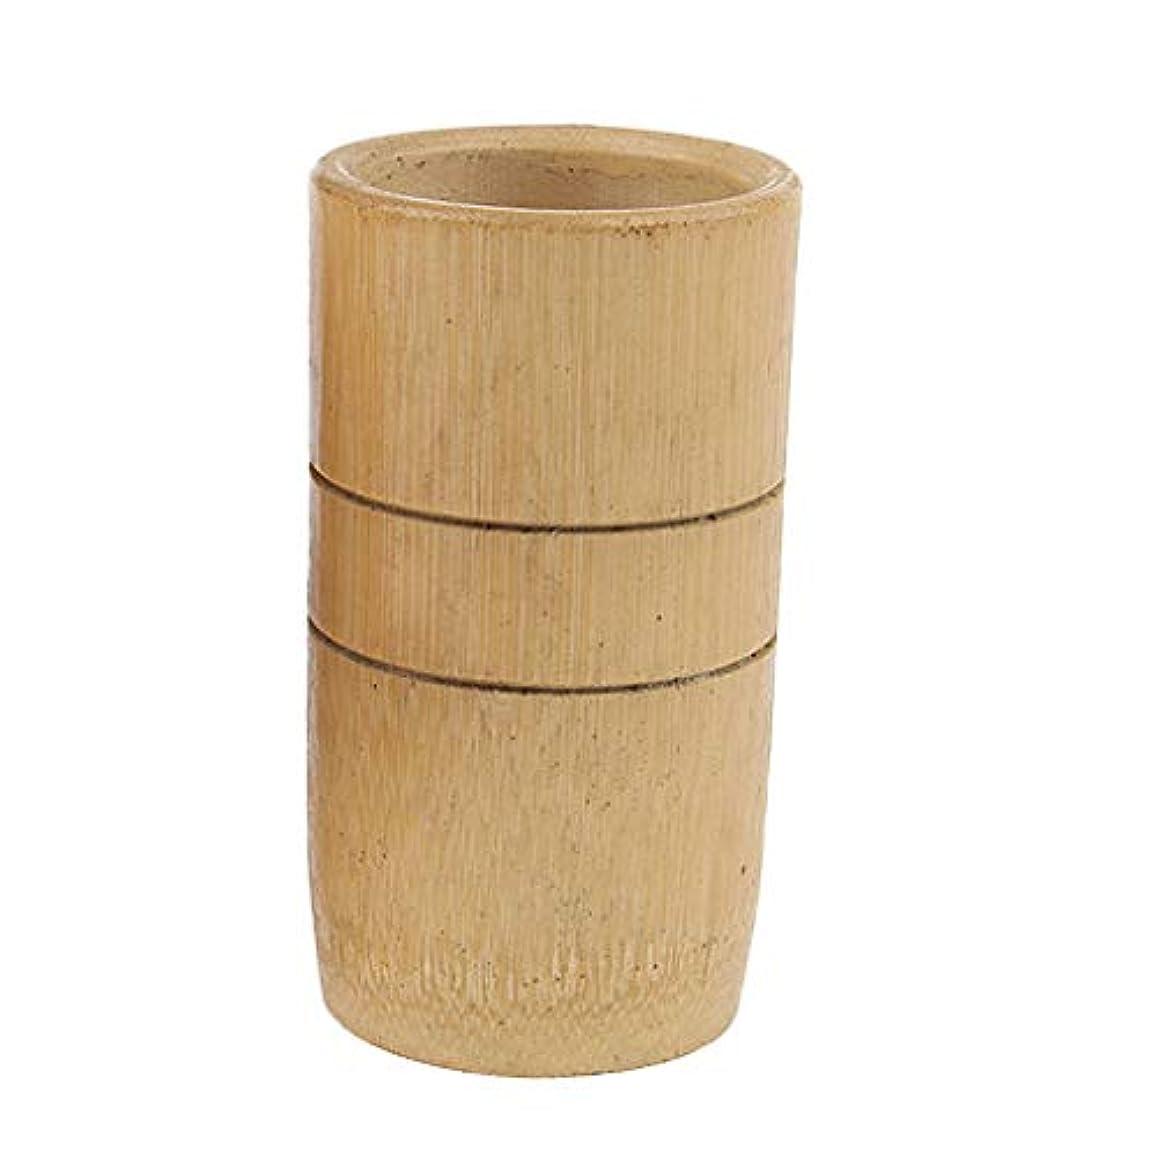 管理する神学校テナントsharprepublic マッサージ吸い玉 カッピングカップ 天然竹製 サロン 家庭用 2個入